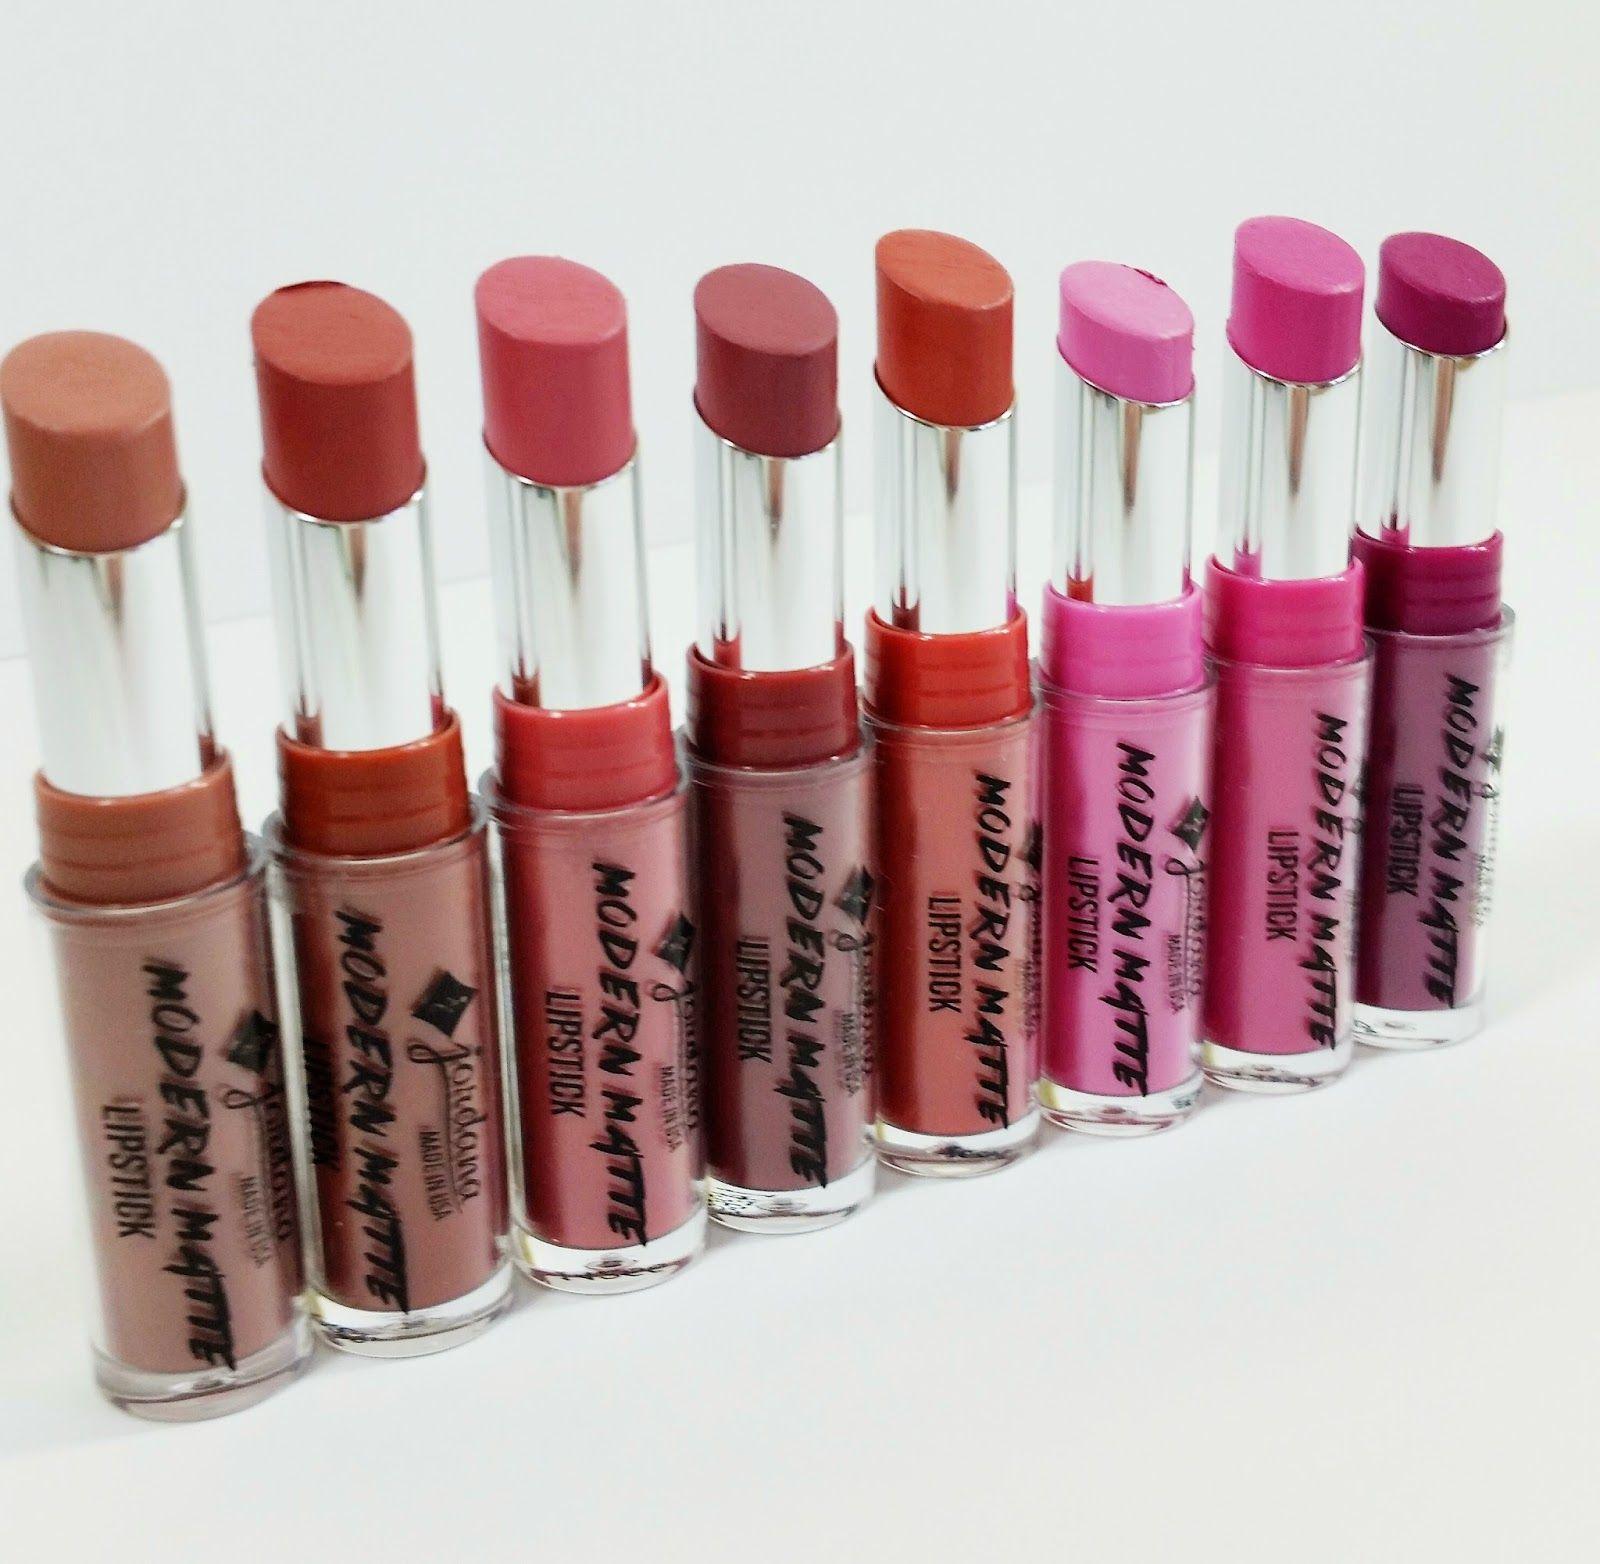 Jordana Modern Matte Lipstick | Matte lipstick, Lipstick